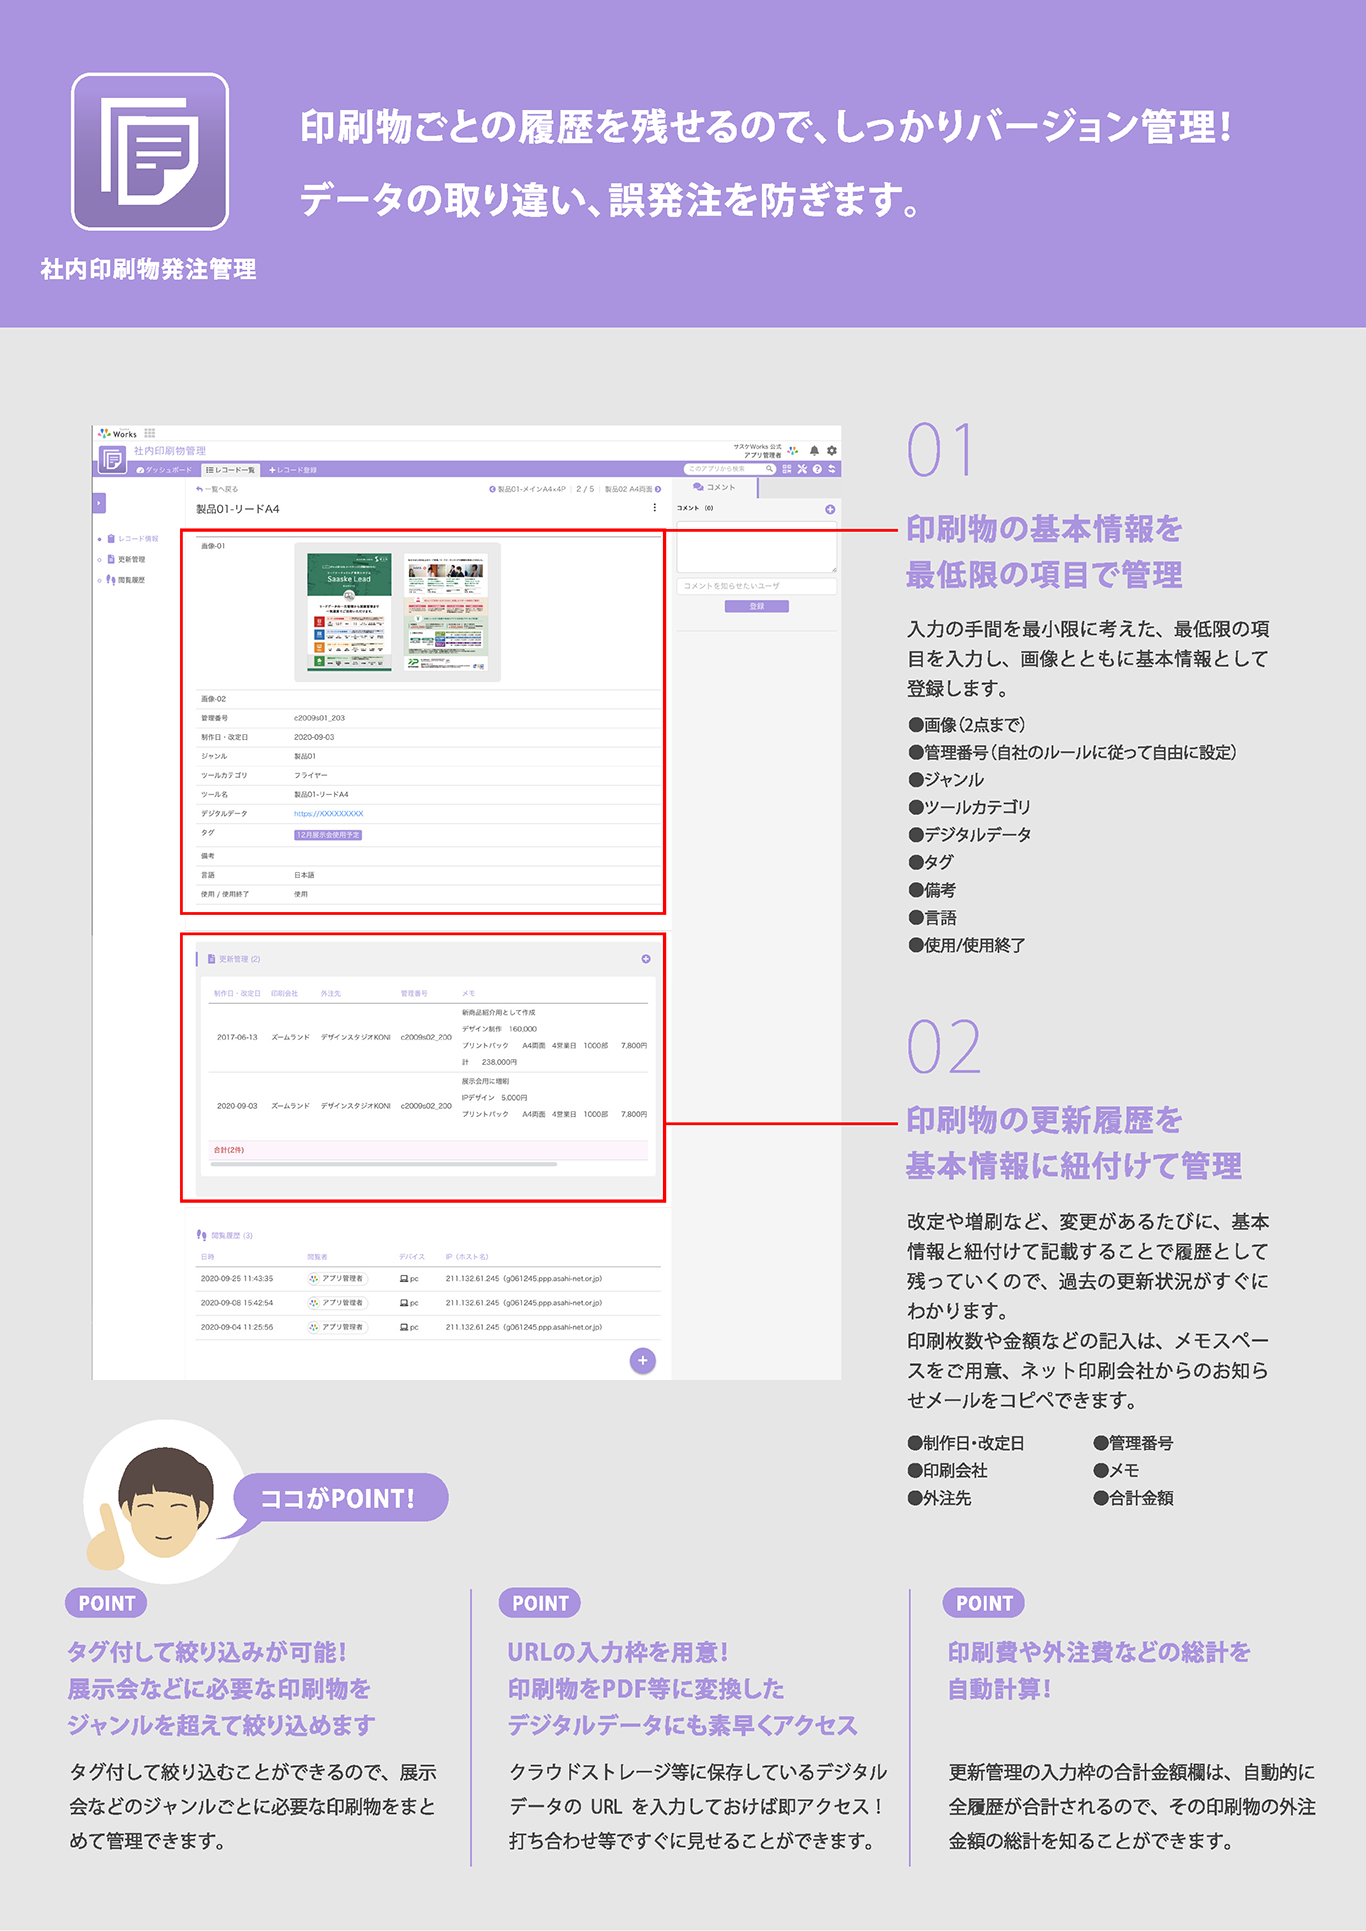 社内印刷物発注管理_02.png